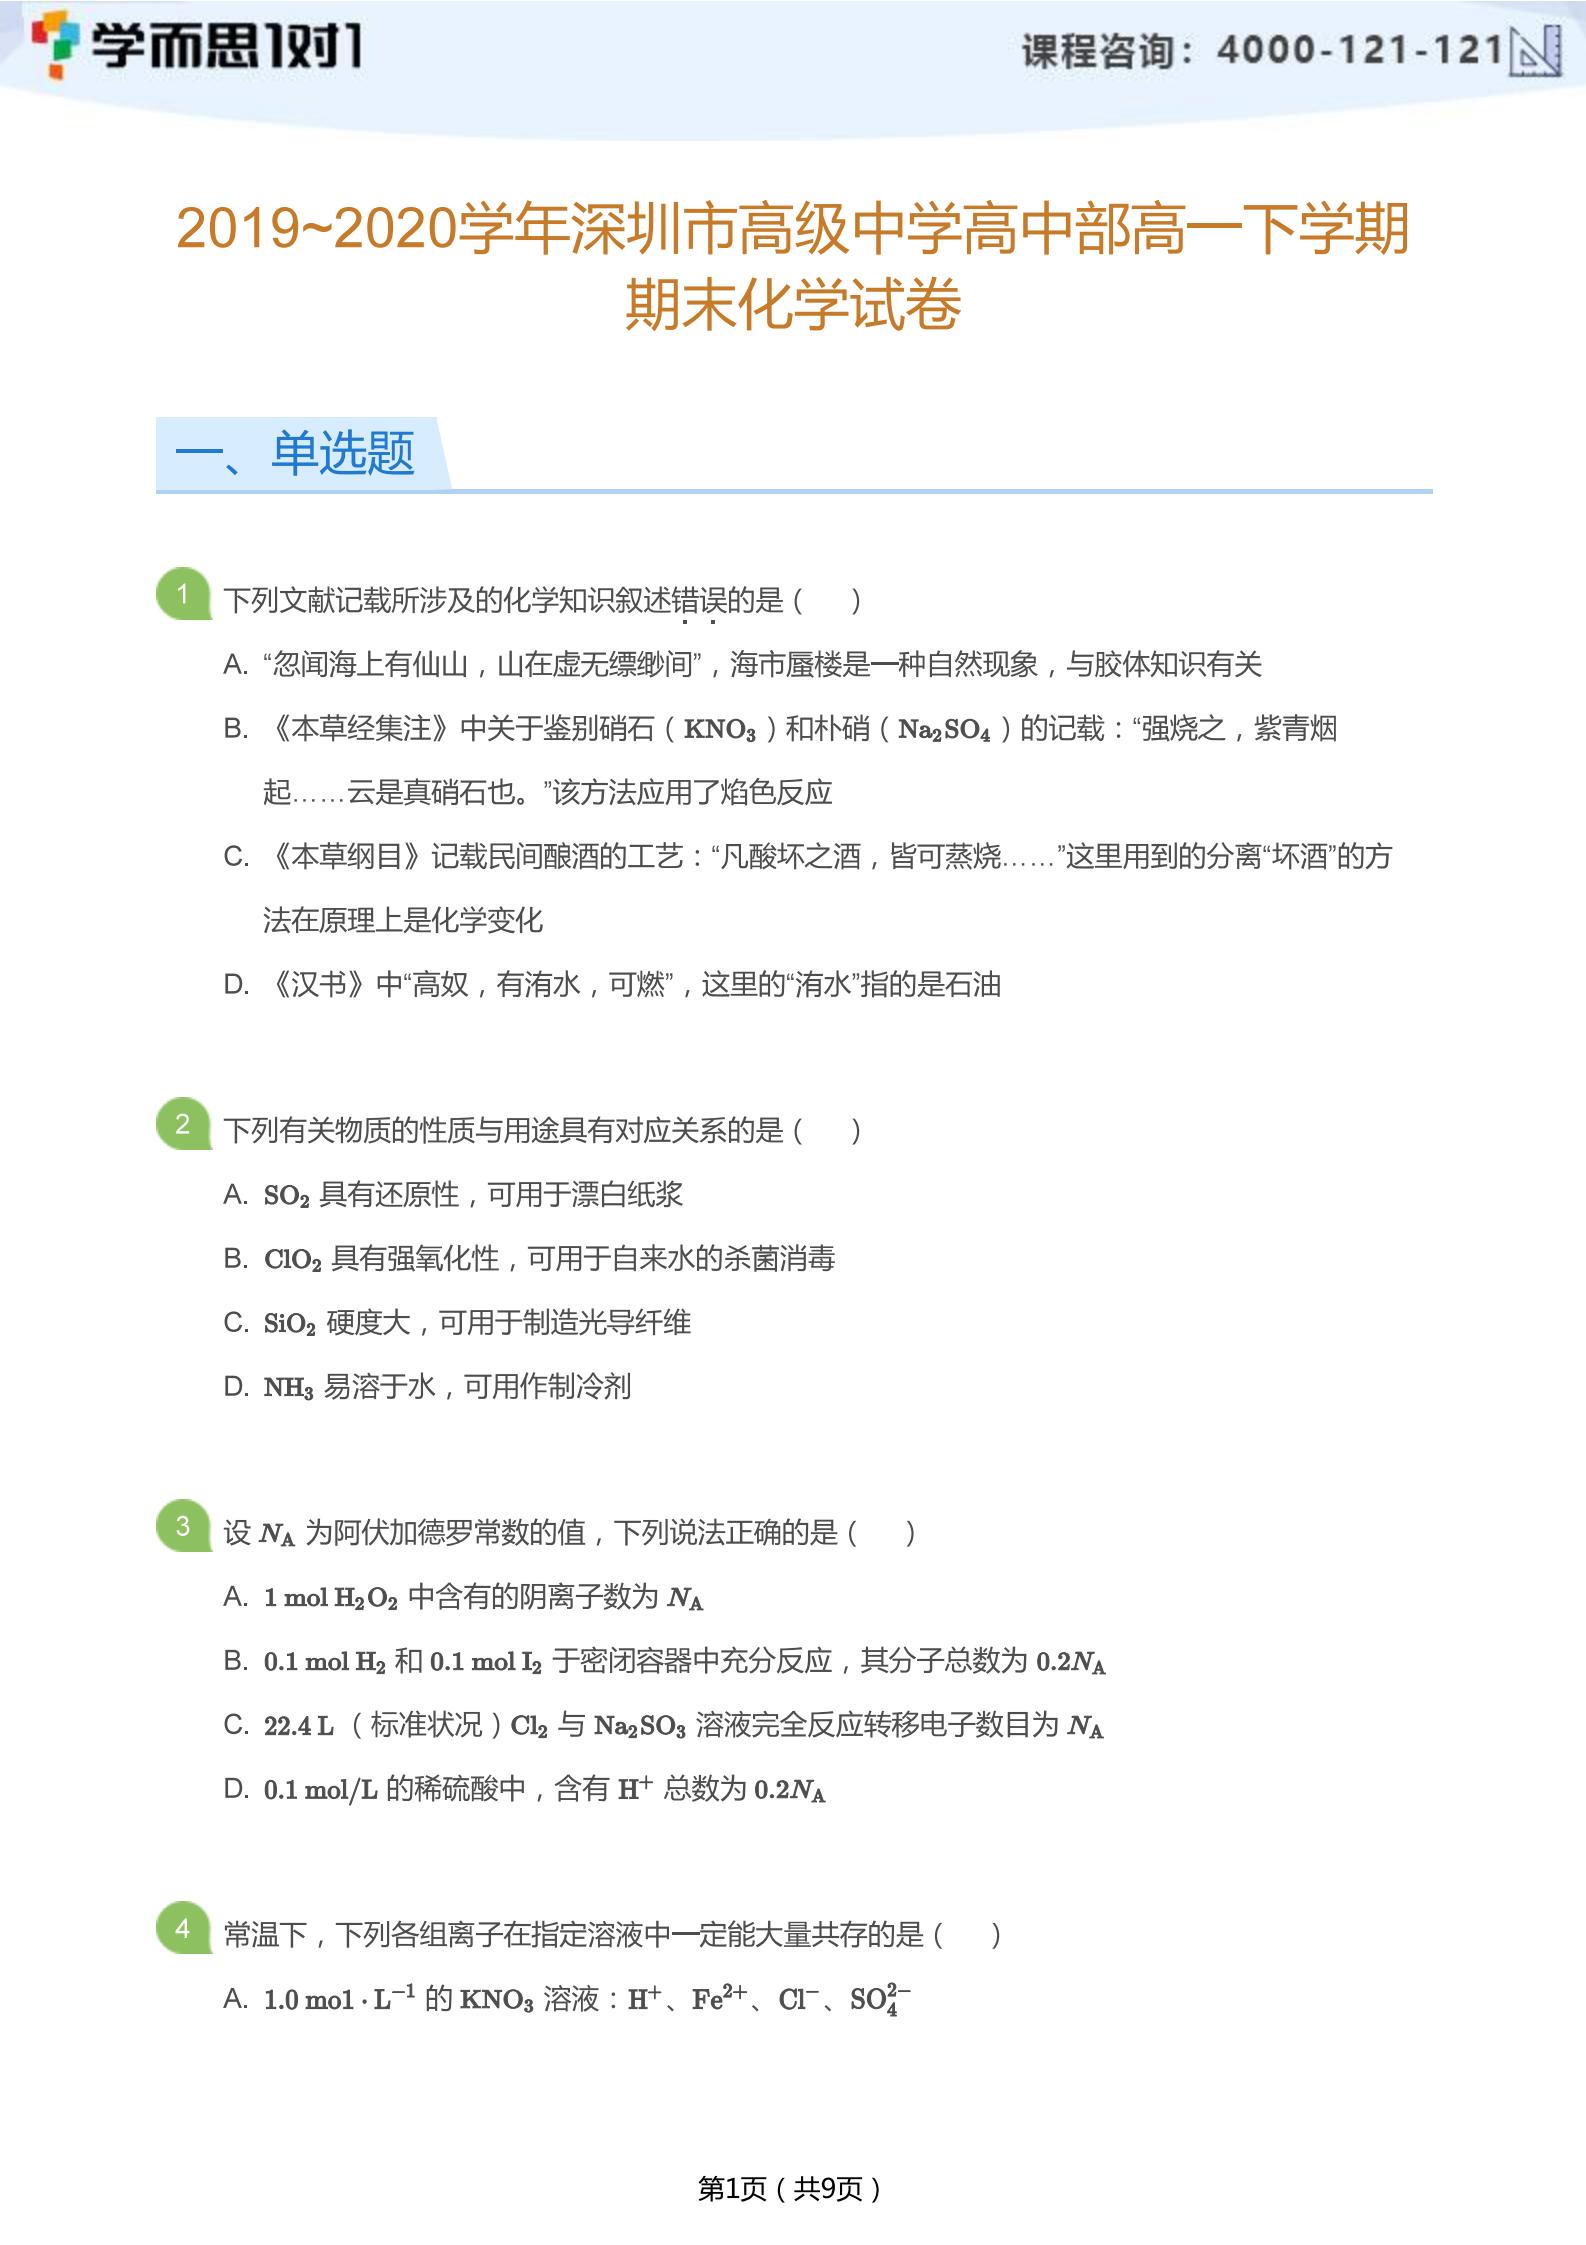 2019-2020学年深圳高级中学高一下册期末化学试卷及答案